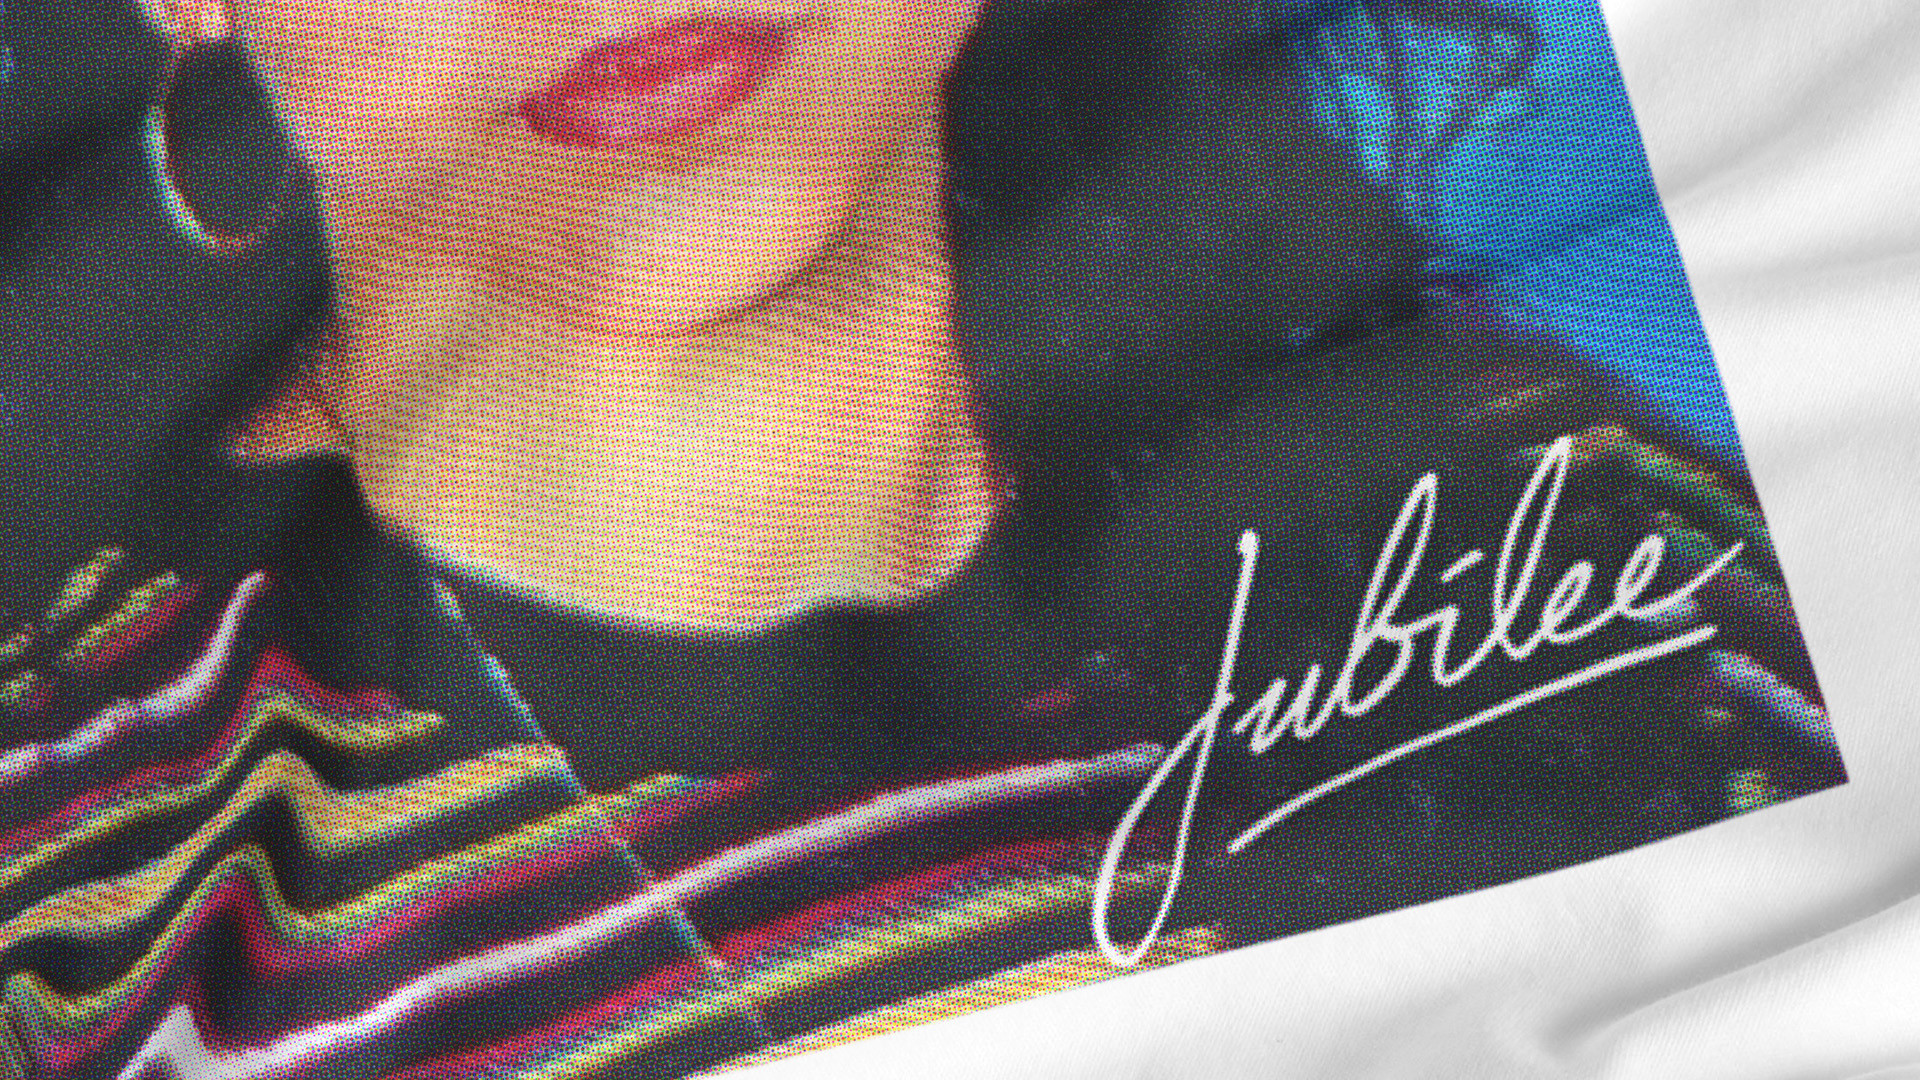 Aaron Vinton Jubilee Album Art